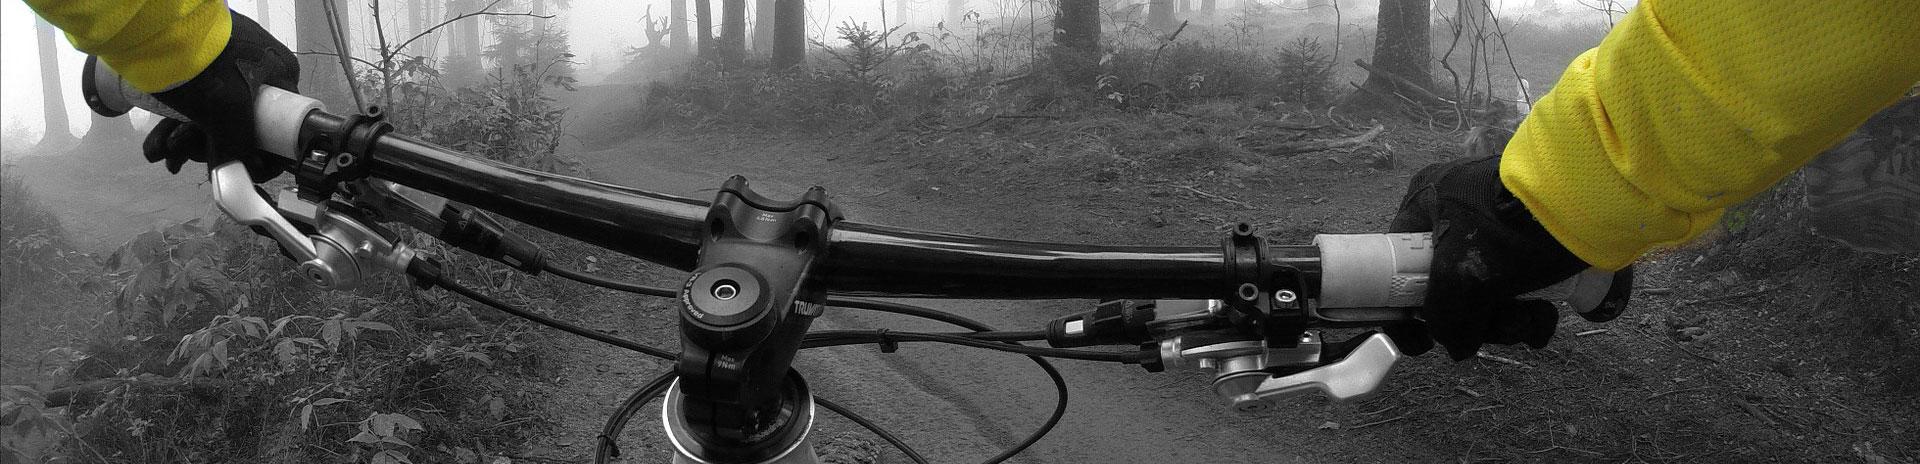 Racefietsers vaker betrokken bij verkeersongeluk | LetselPro